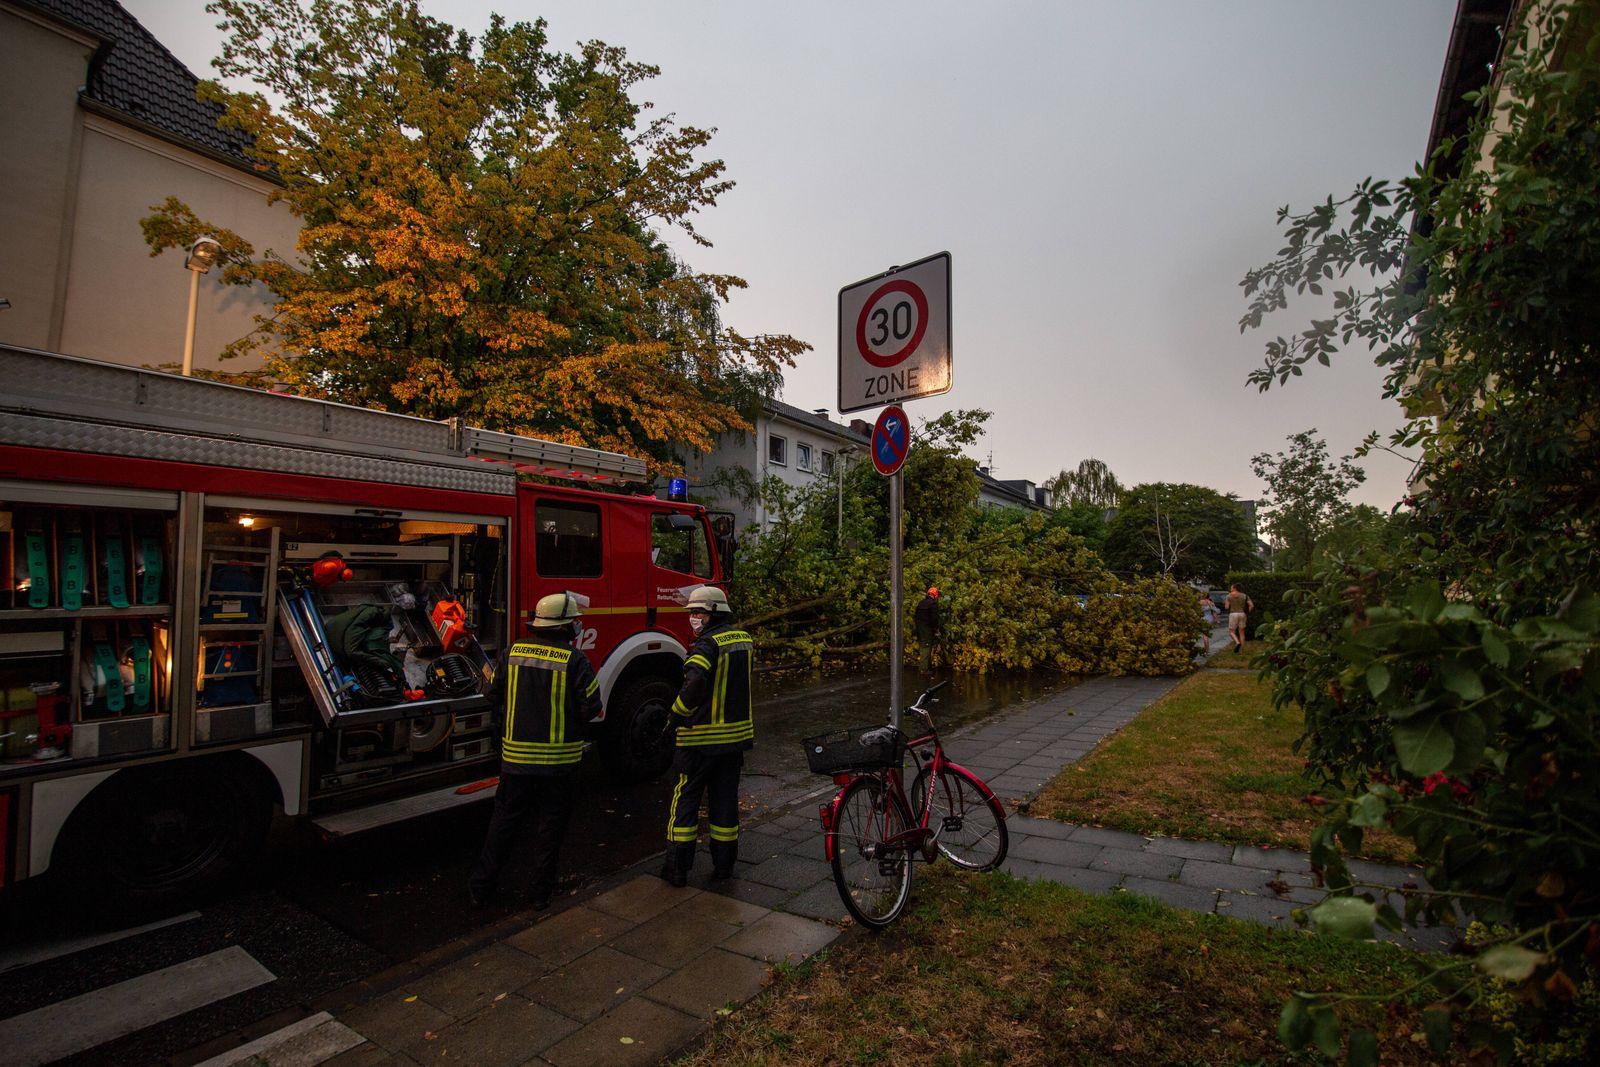 12.08.2020 Schweres Unwetter in Bonn In Bonn gab es am 12.08.2020 teils große Unwetter-schäden, viele Bäume umgestürzt